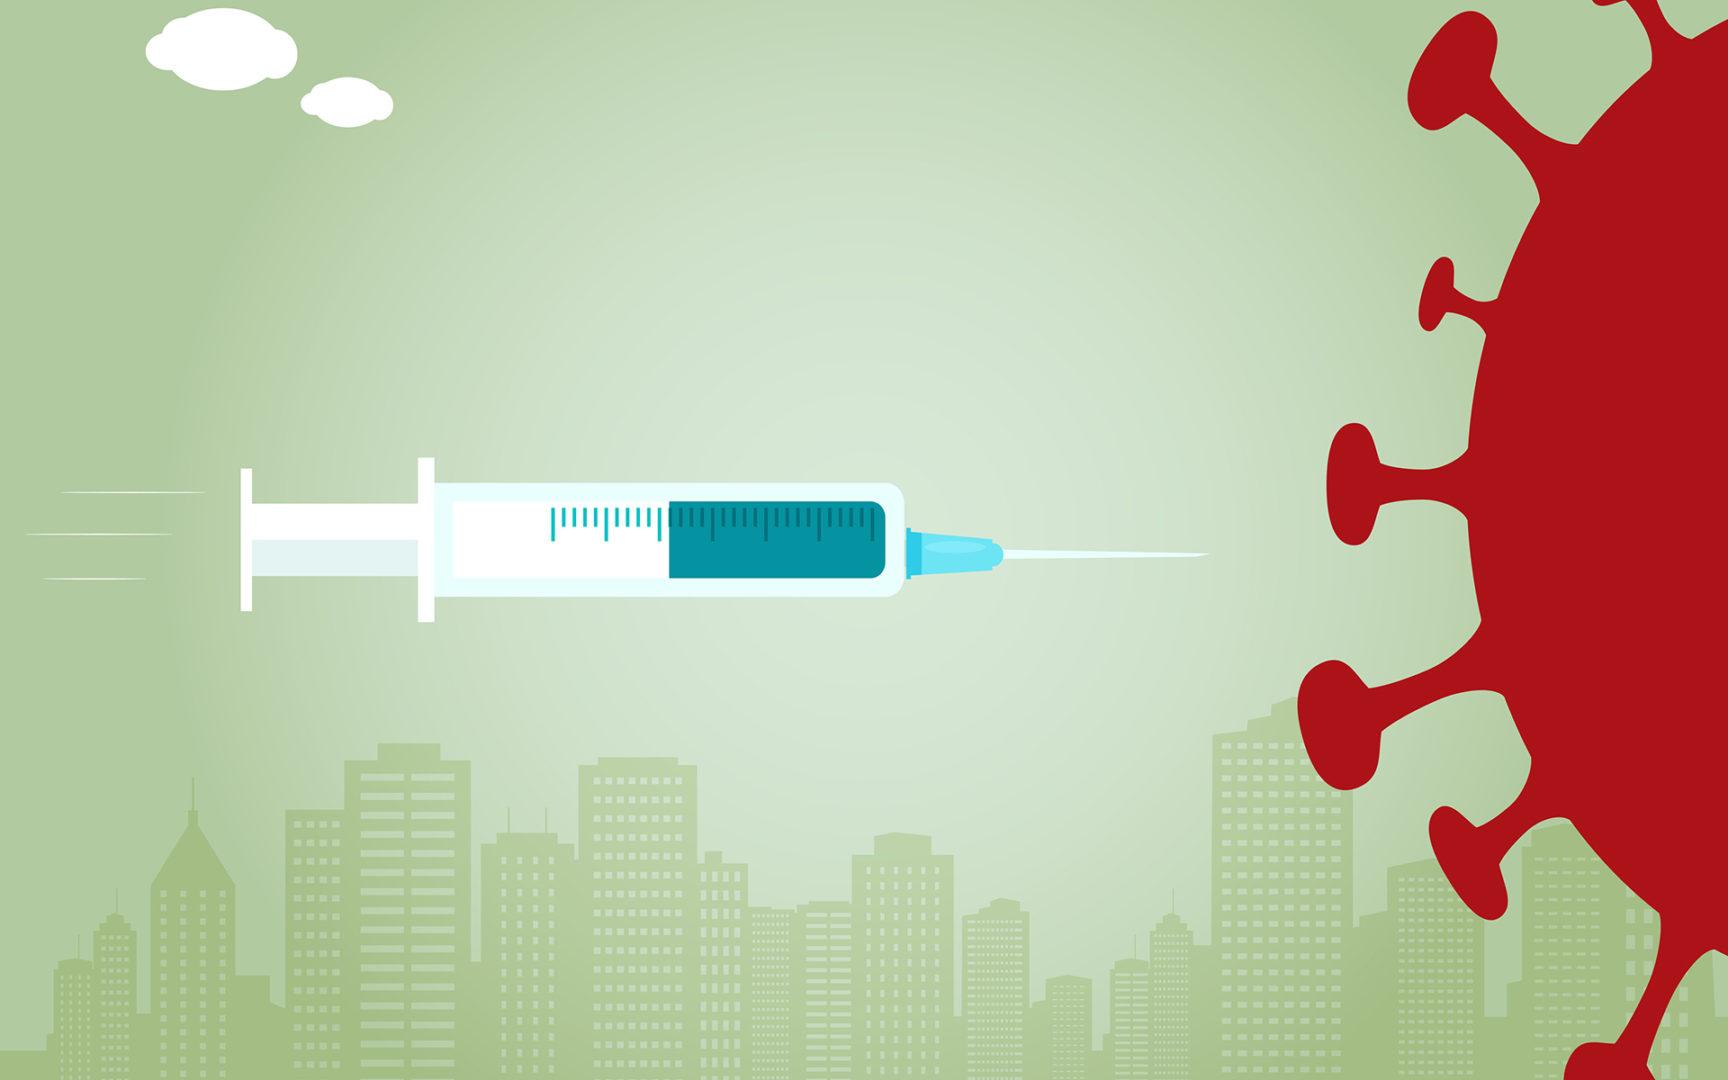 Rokotemyönteisiä on maailmassa enemmän, mutta heidän äänensä jää rokoteskeptisiä vaisummaksi verkossa.